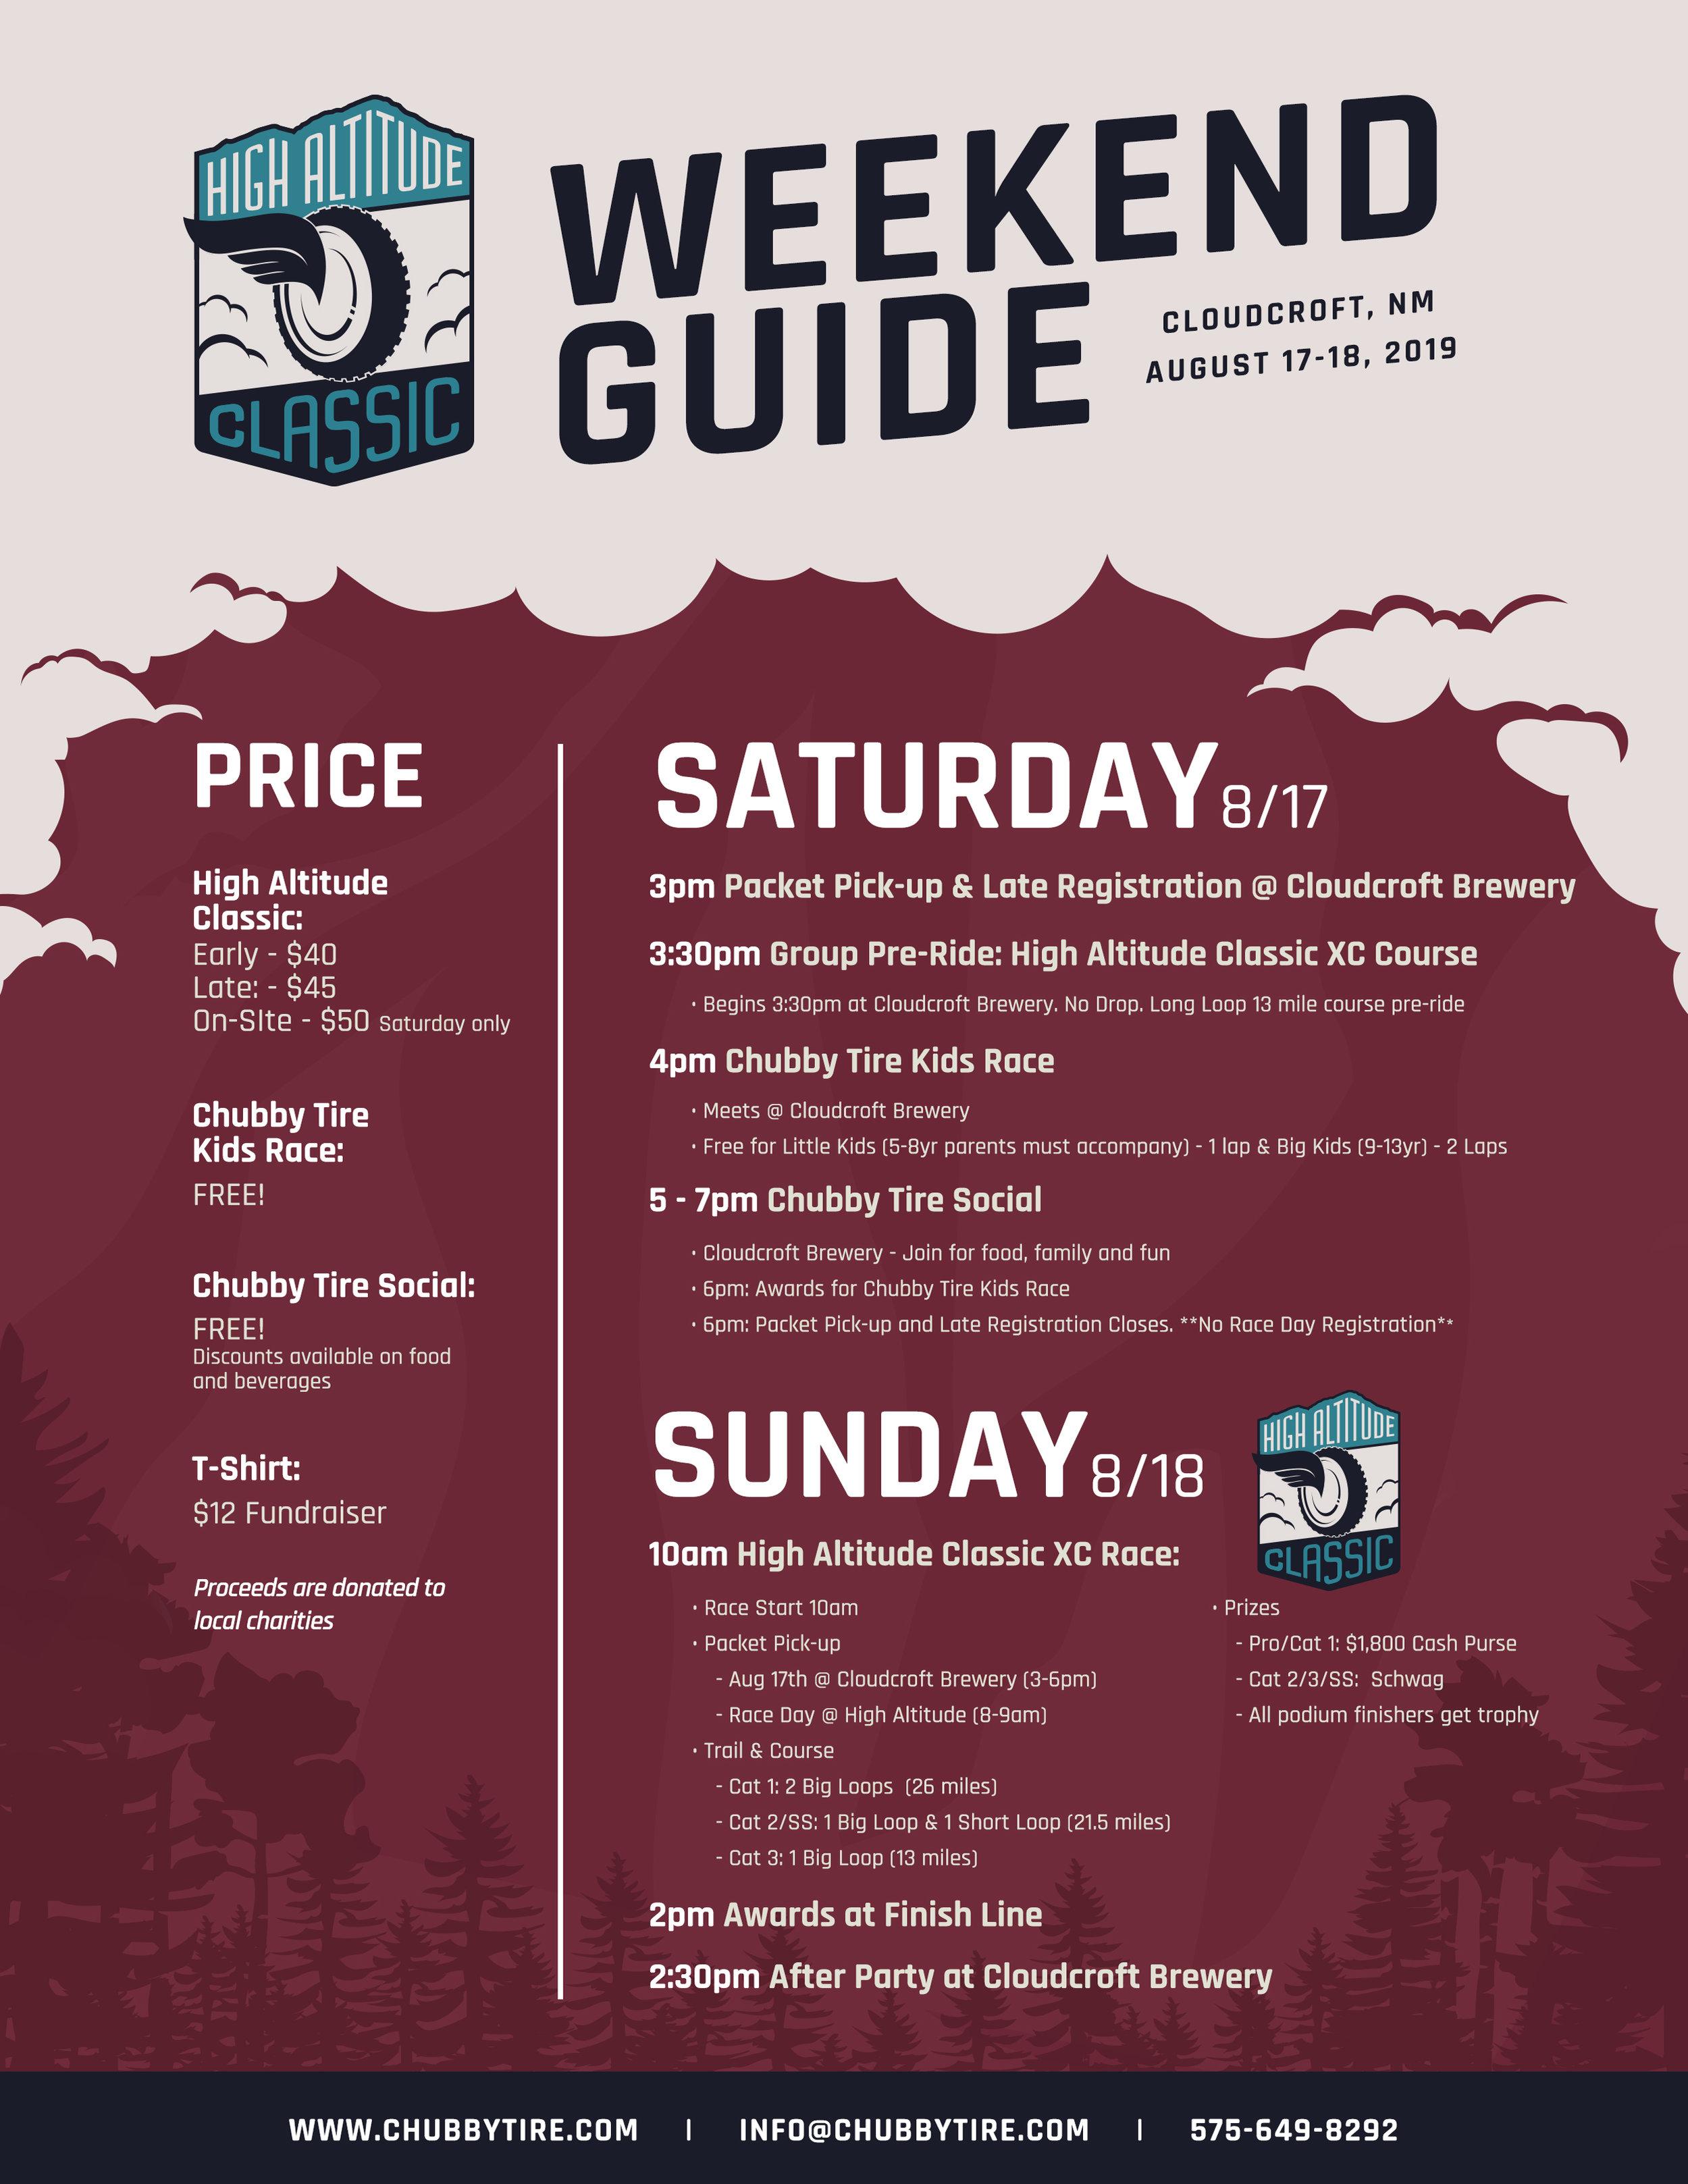 2019 Weekend Guide.jpg